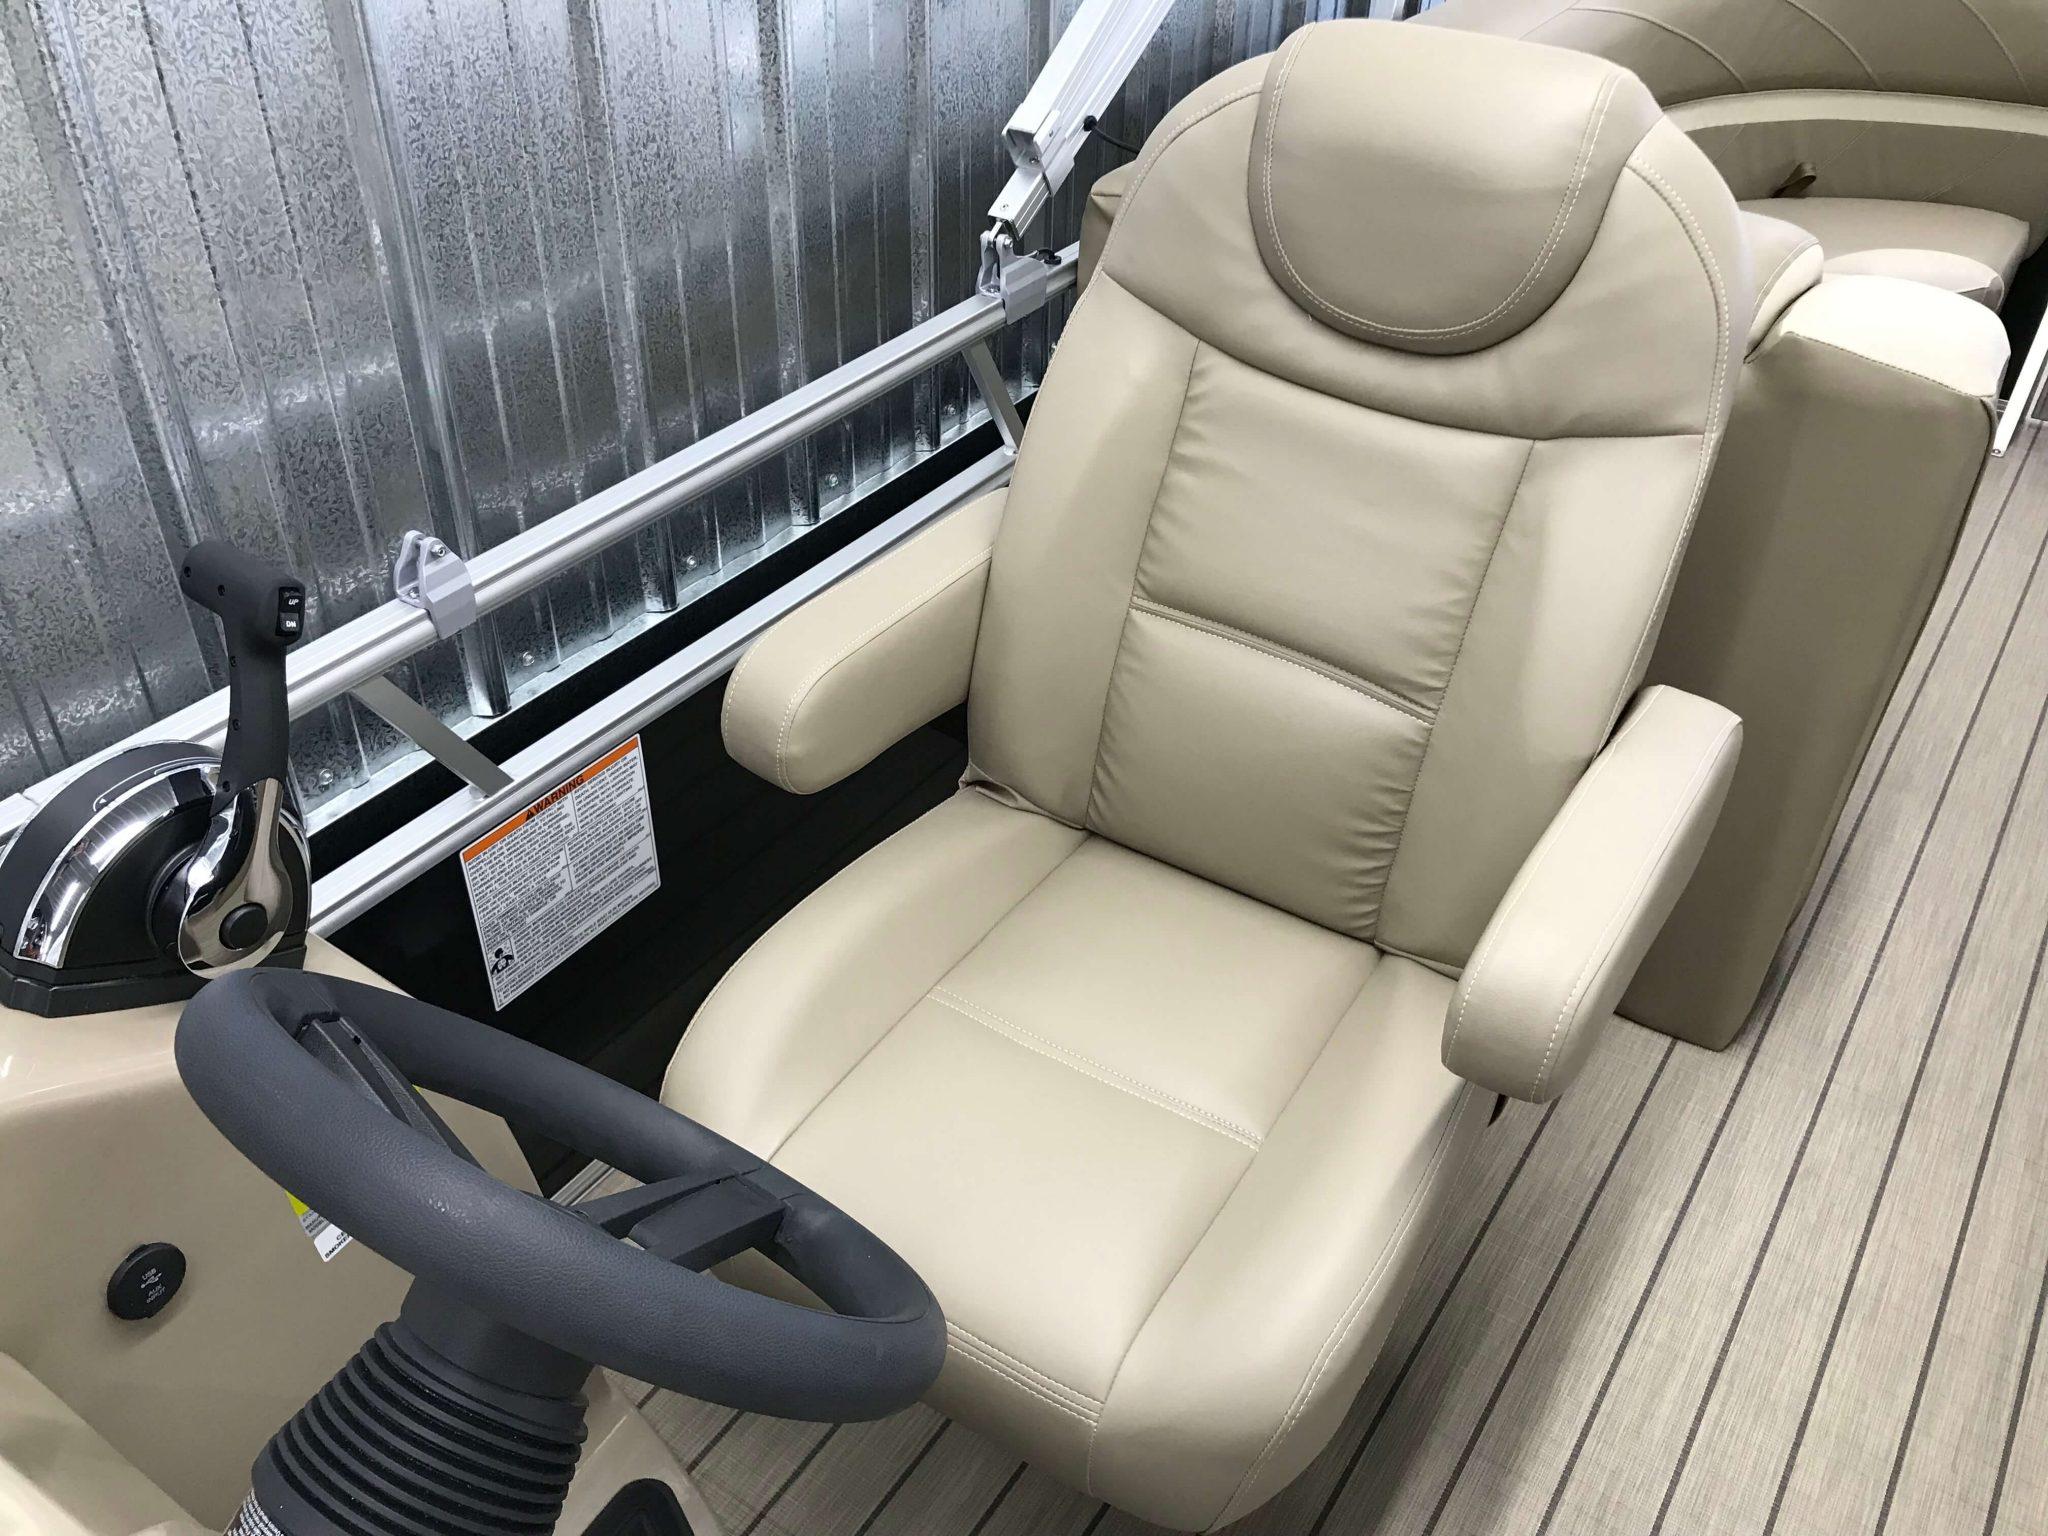 2019 SunChaser Geneva 22 LR High Back Helm Chair